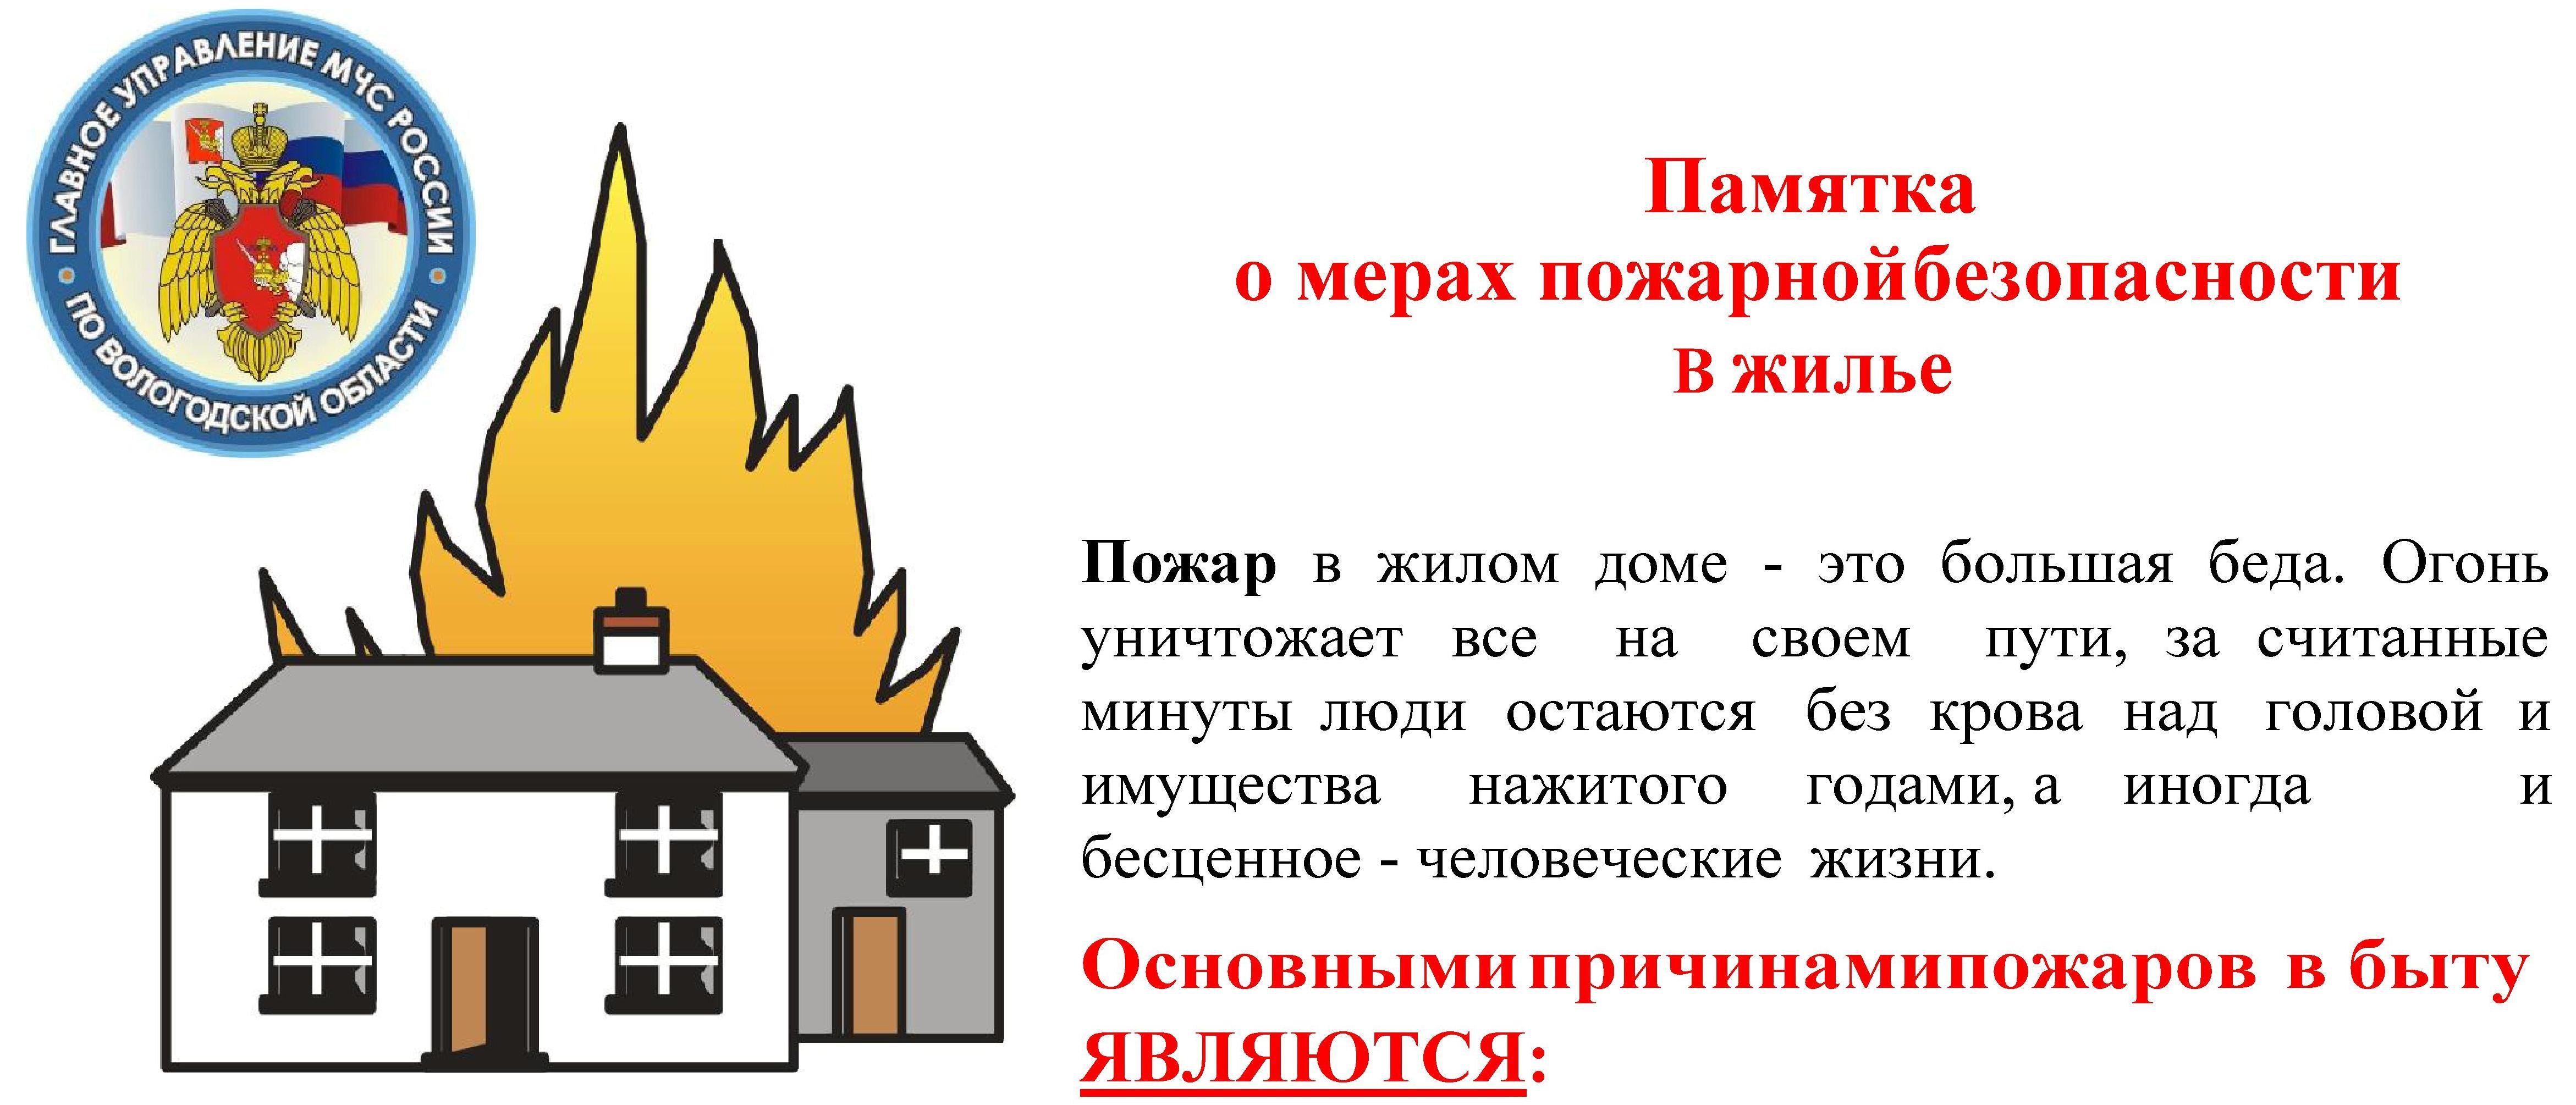 Памятка о мерах пожарной безопасности в жилье2